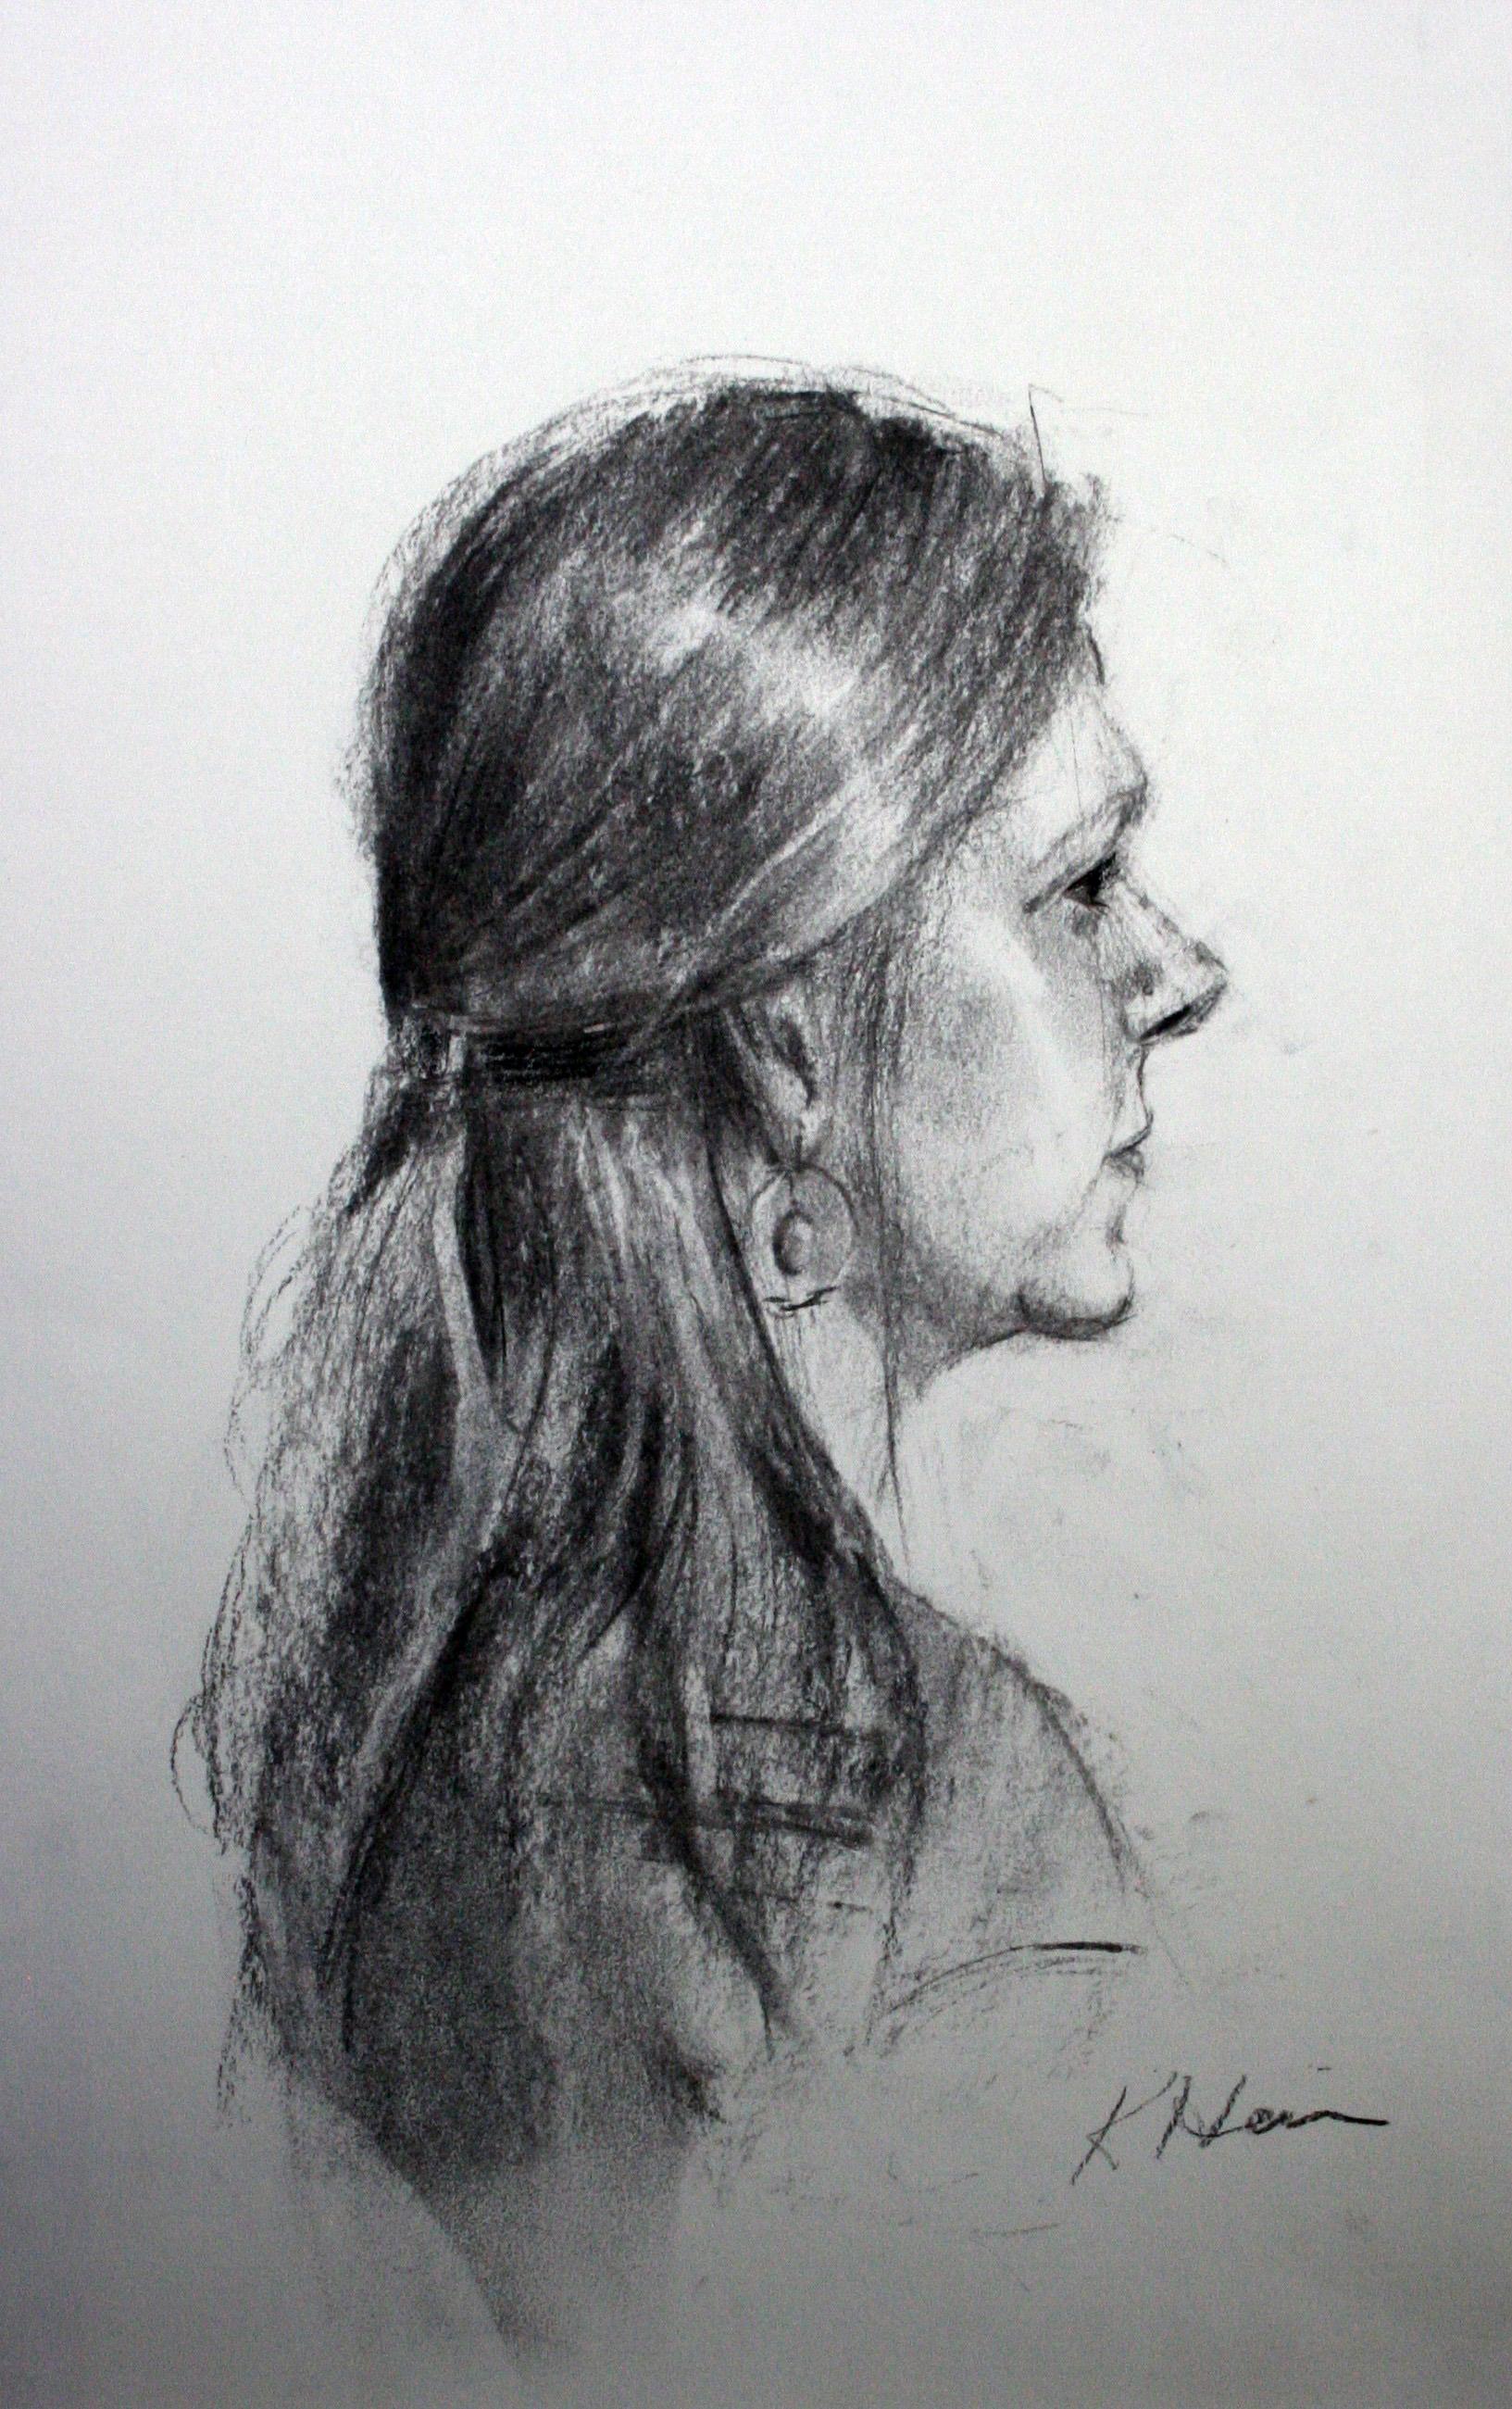 Kathryn Heim - Charcoal